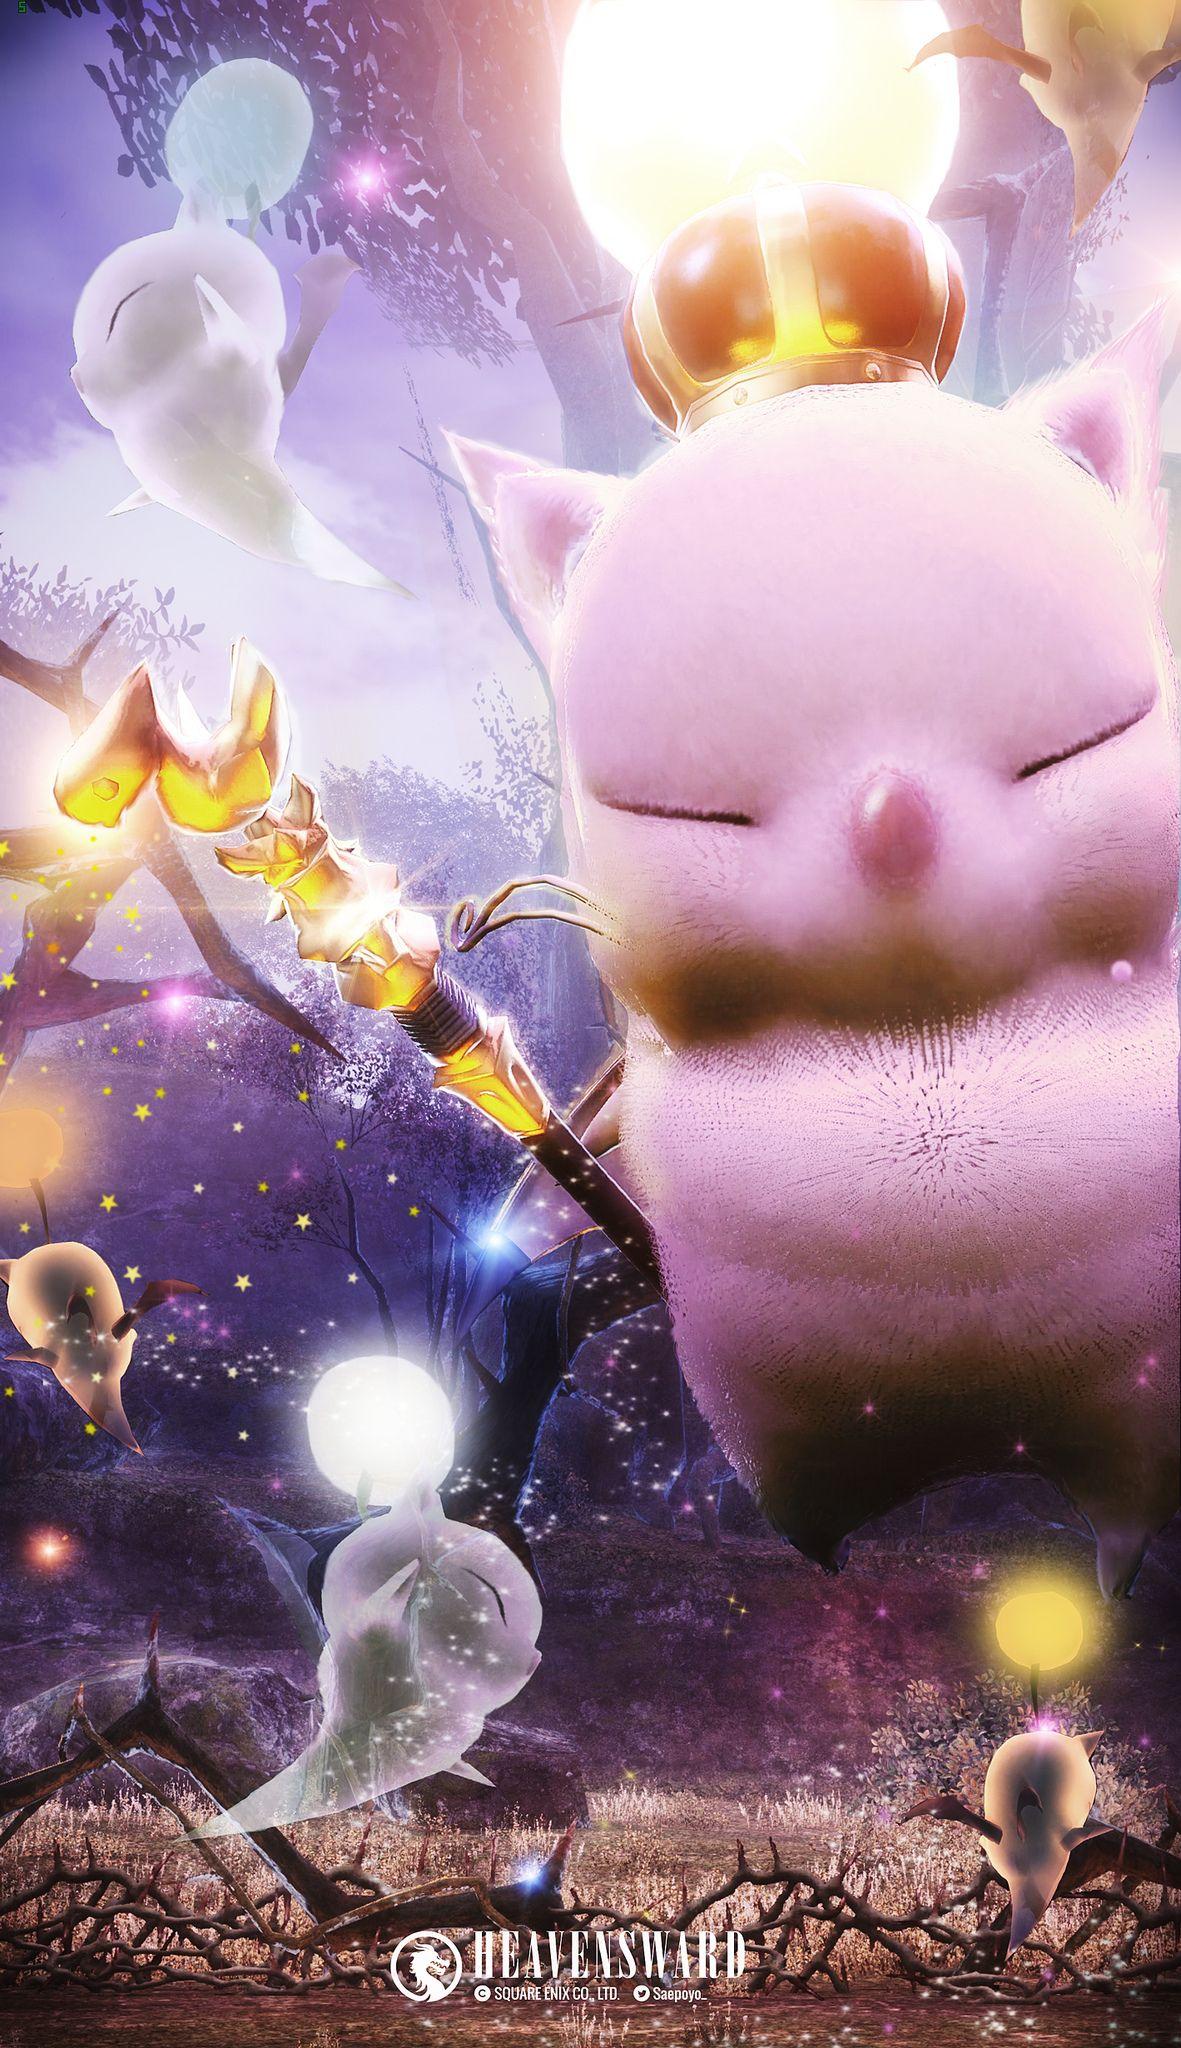 善王モグル モグxii世 Final Fantasy Art Final Fantasy Xiv Final Fantasy